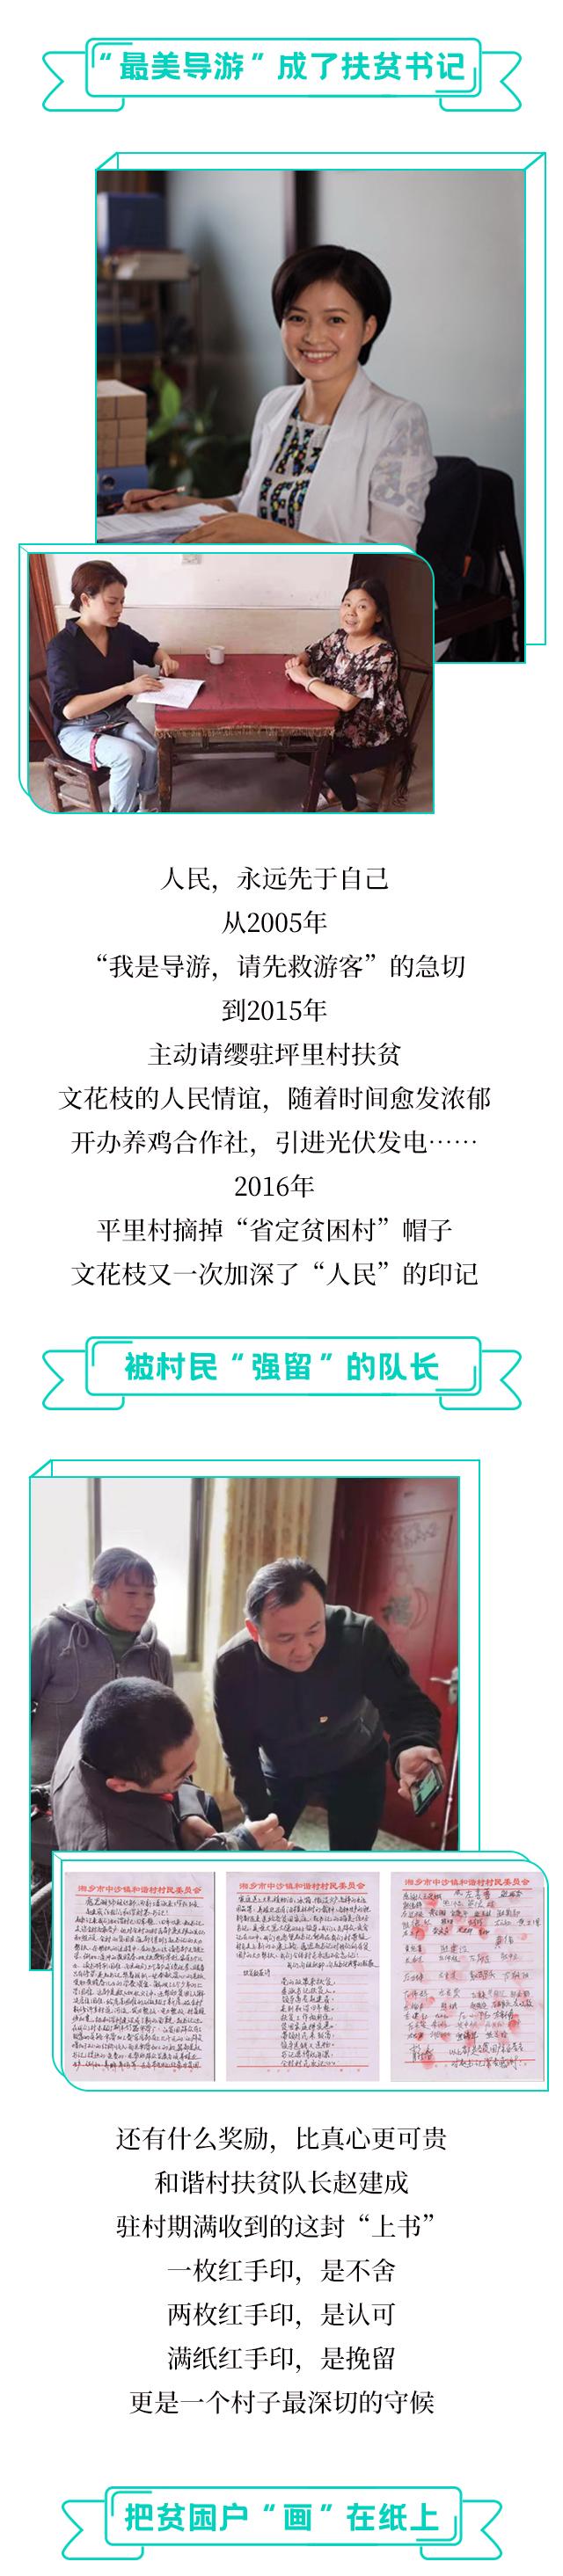 湘潭长图第二部分_04.jpg